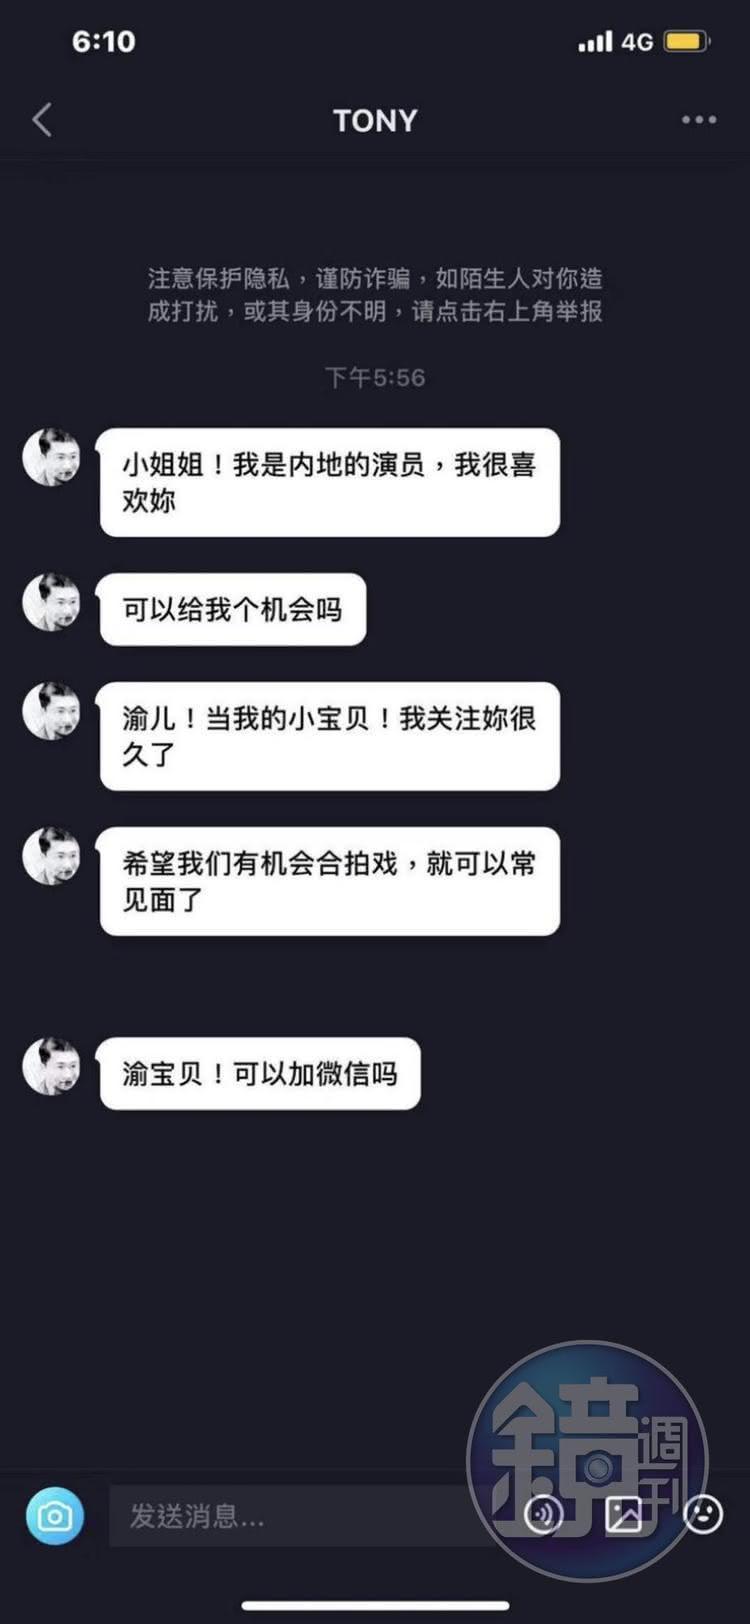 大陸男藝人傳訊息示愛陳柏渝,並寫「渝兒,當我的小寶貝,我關注妳很久了」。(陳孝志提供)